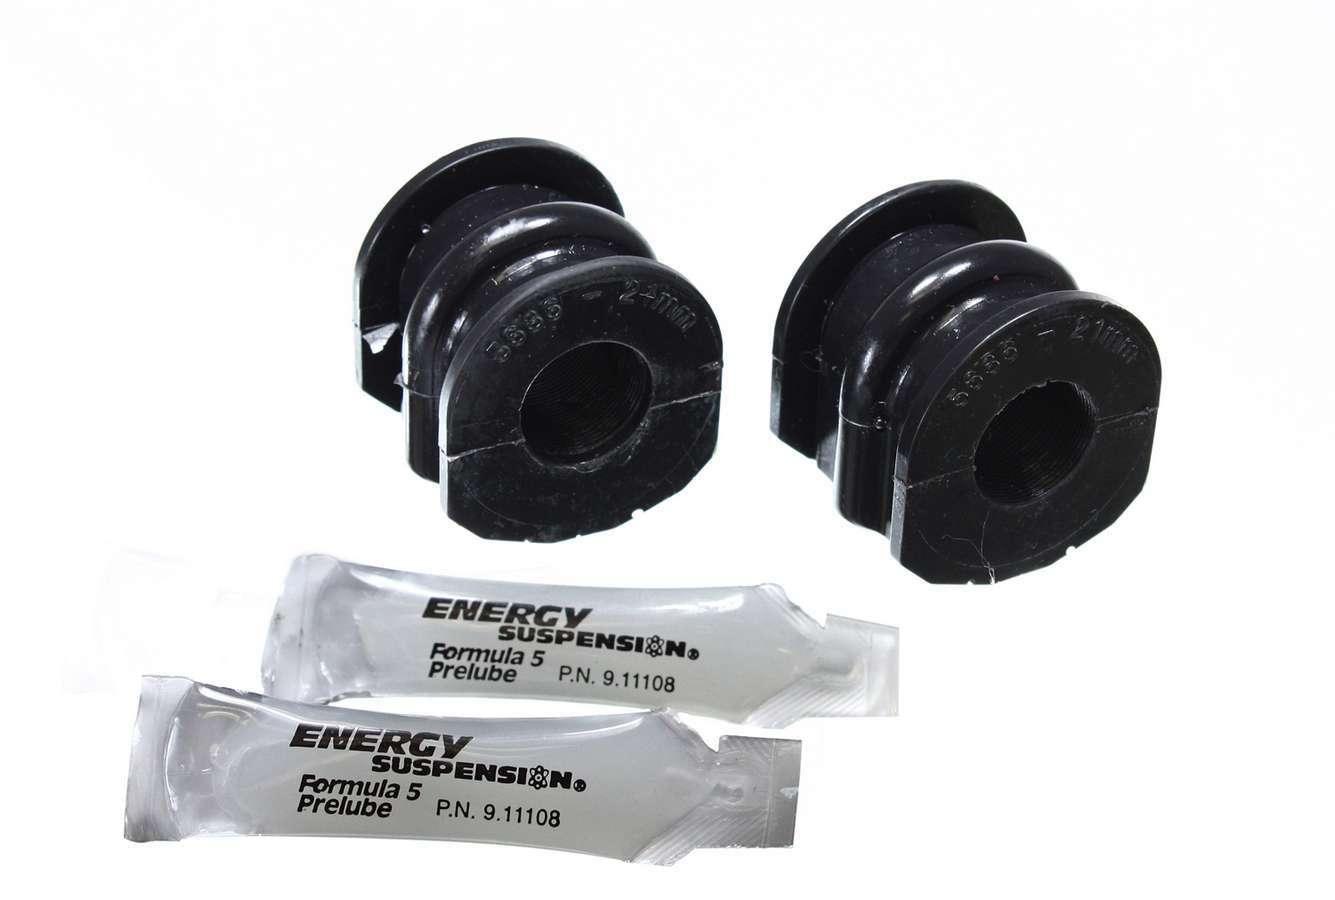 Energy Suspension 7-5127G Sway Bar Bushing, Hyper-Flex, Rear, 21 mm Bar, Polyurethane, Black, Nissan Z 2003-09, Pair